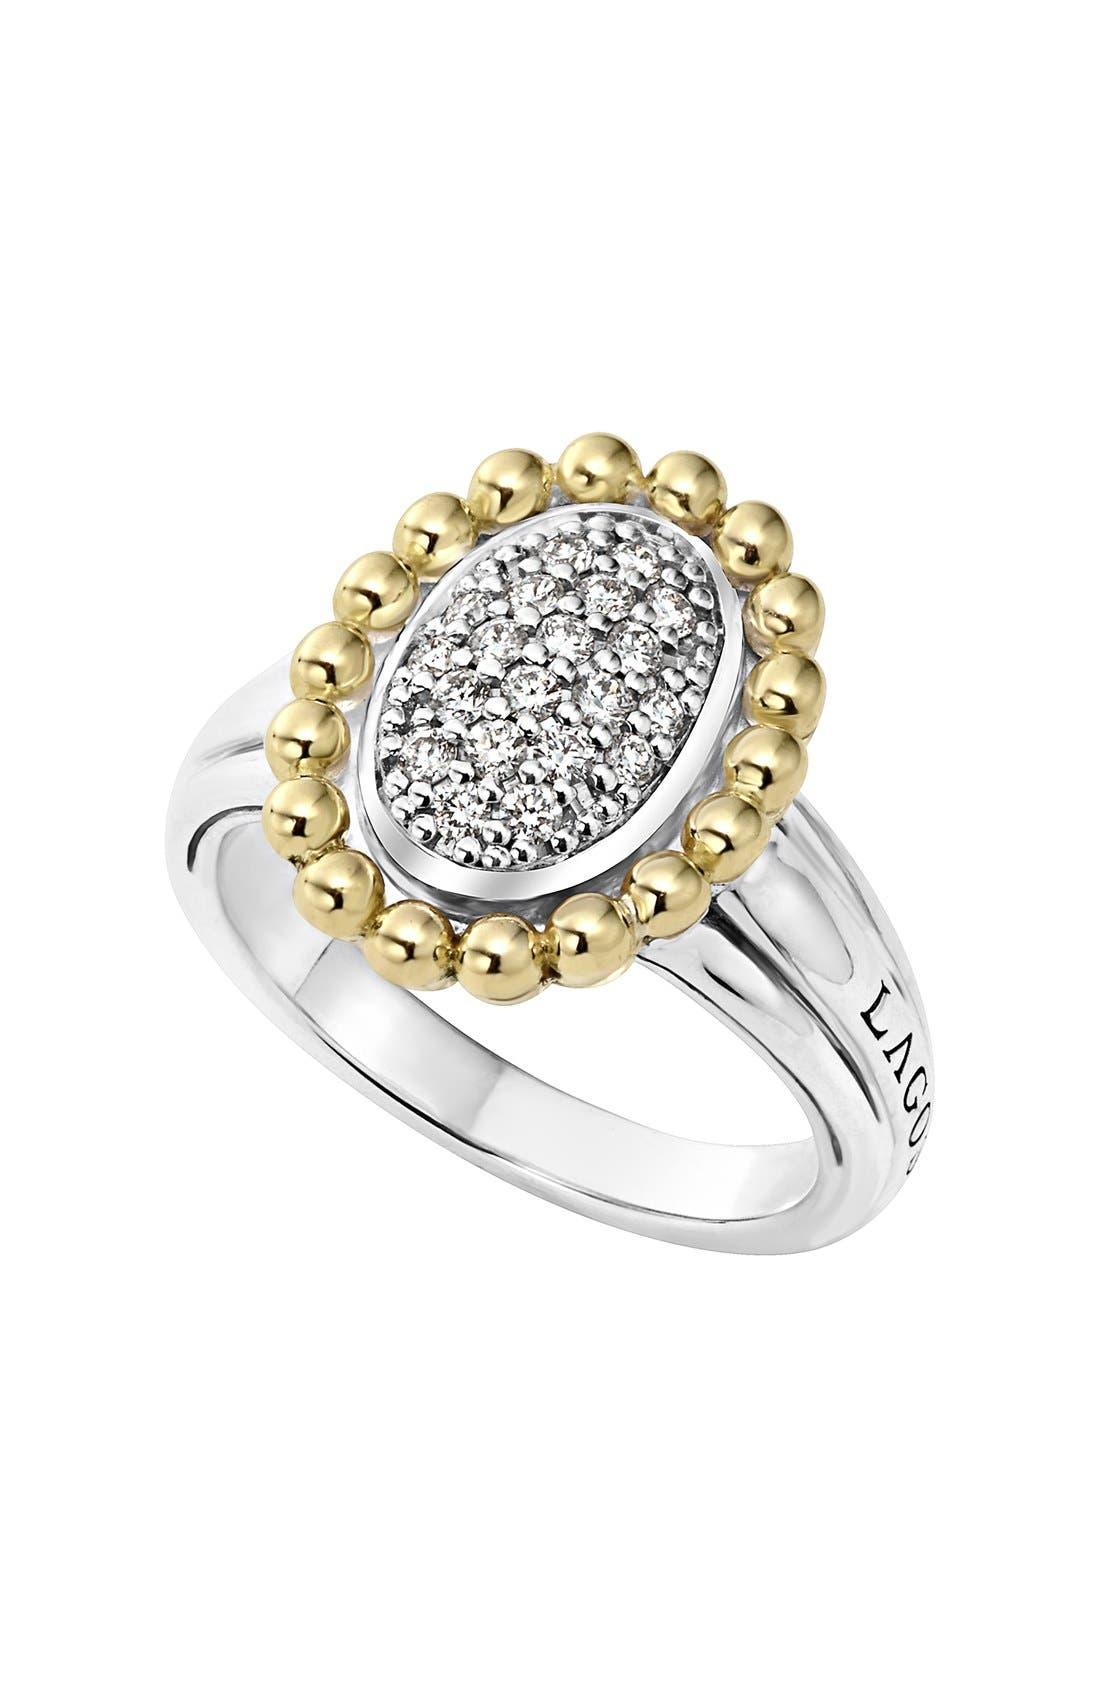 LAGOS Diamond Caviar Oval Ring